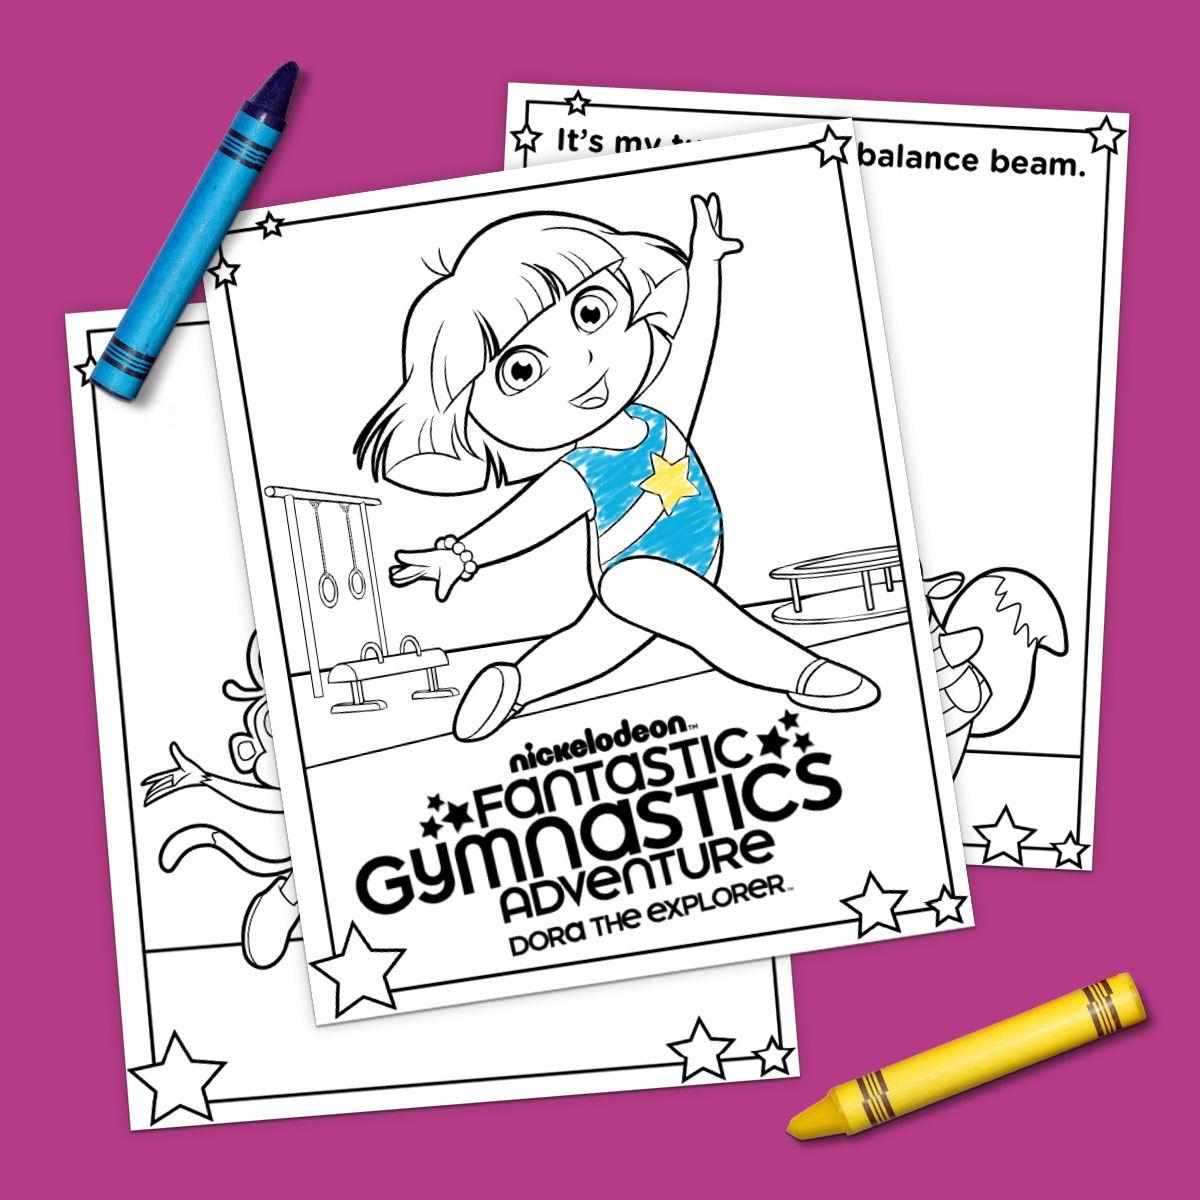 Dora Gymnastics Coloring Pack Dora Dora The Explorer Coloring Pages [ 1200 x 1200 Pixel ]